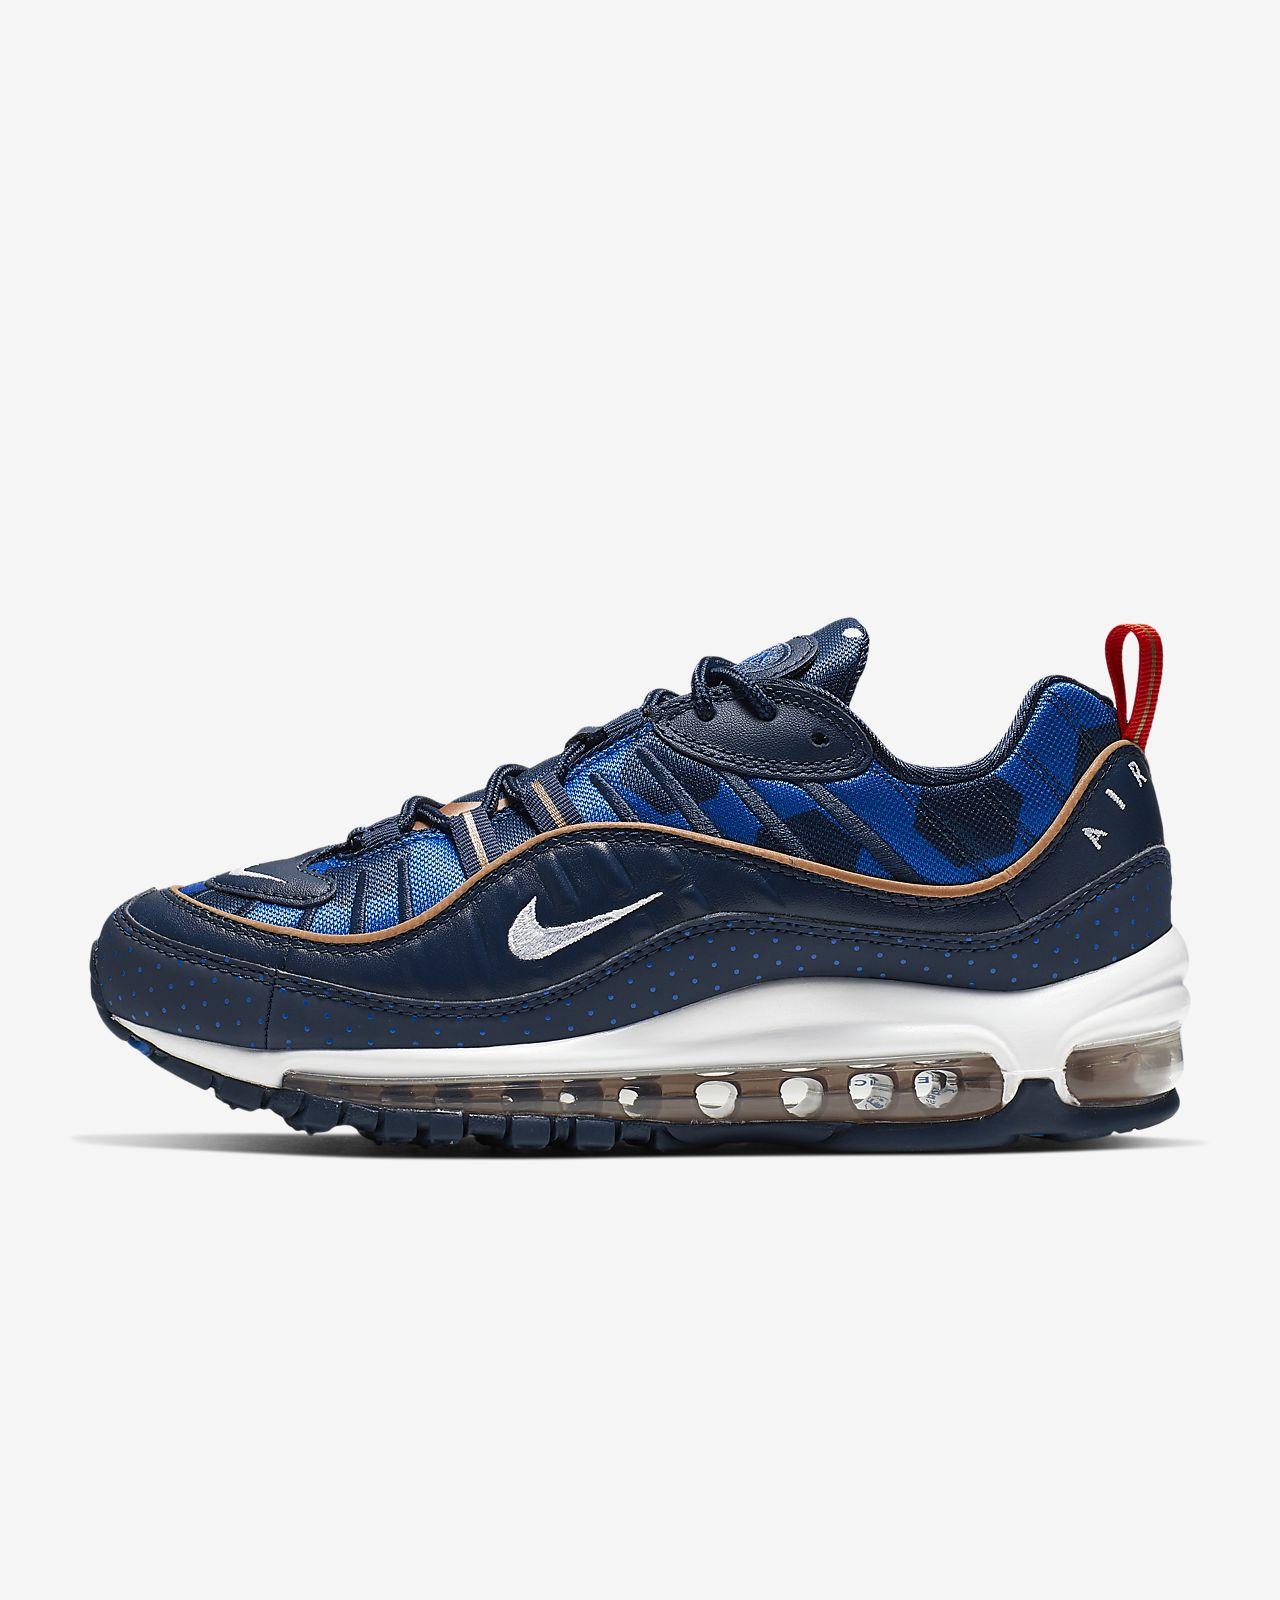 Nike Air Max 98 Premium Unité Totale Women's Shoe